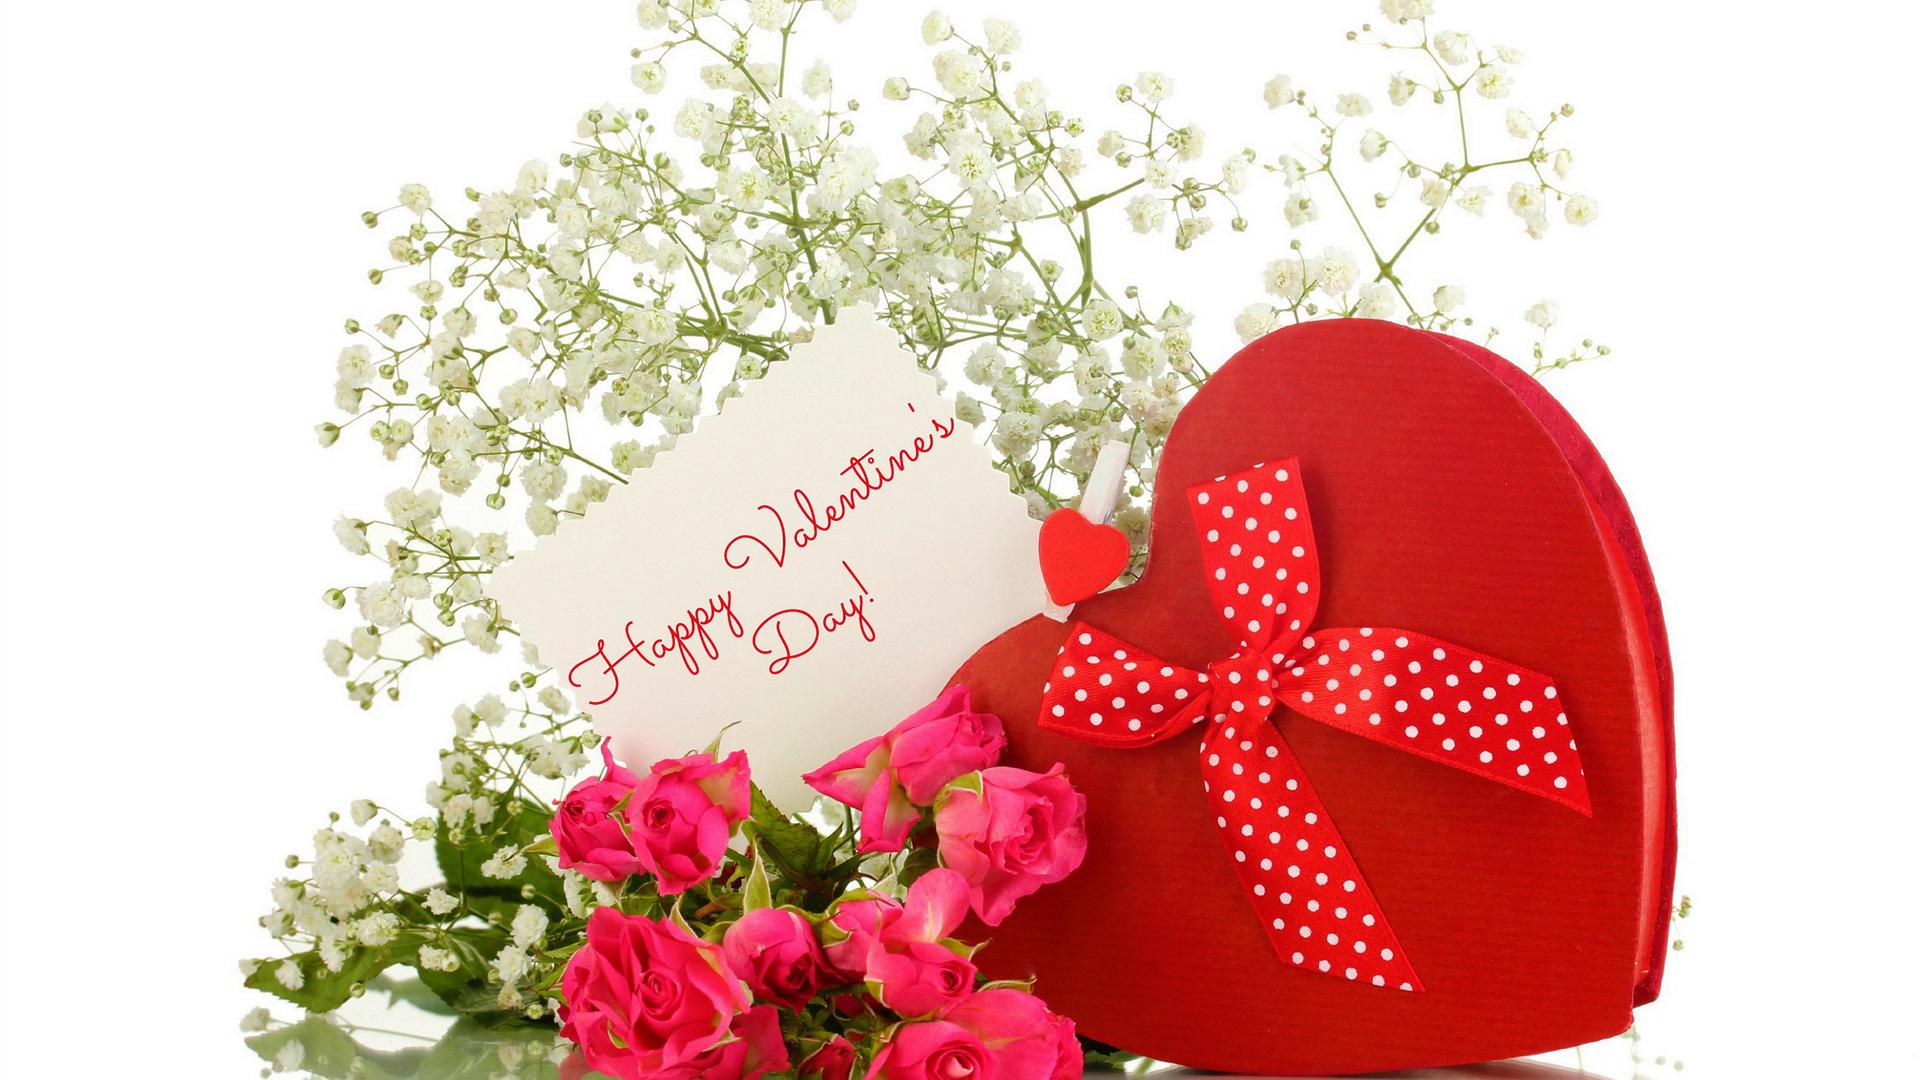 Цветок в подарок картинки с надписями